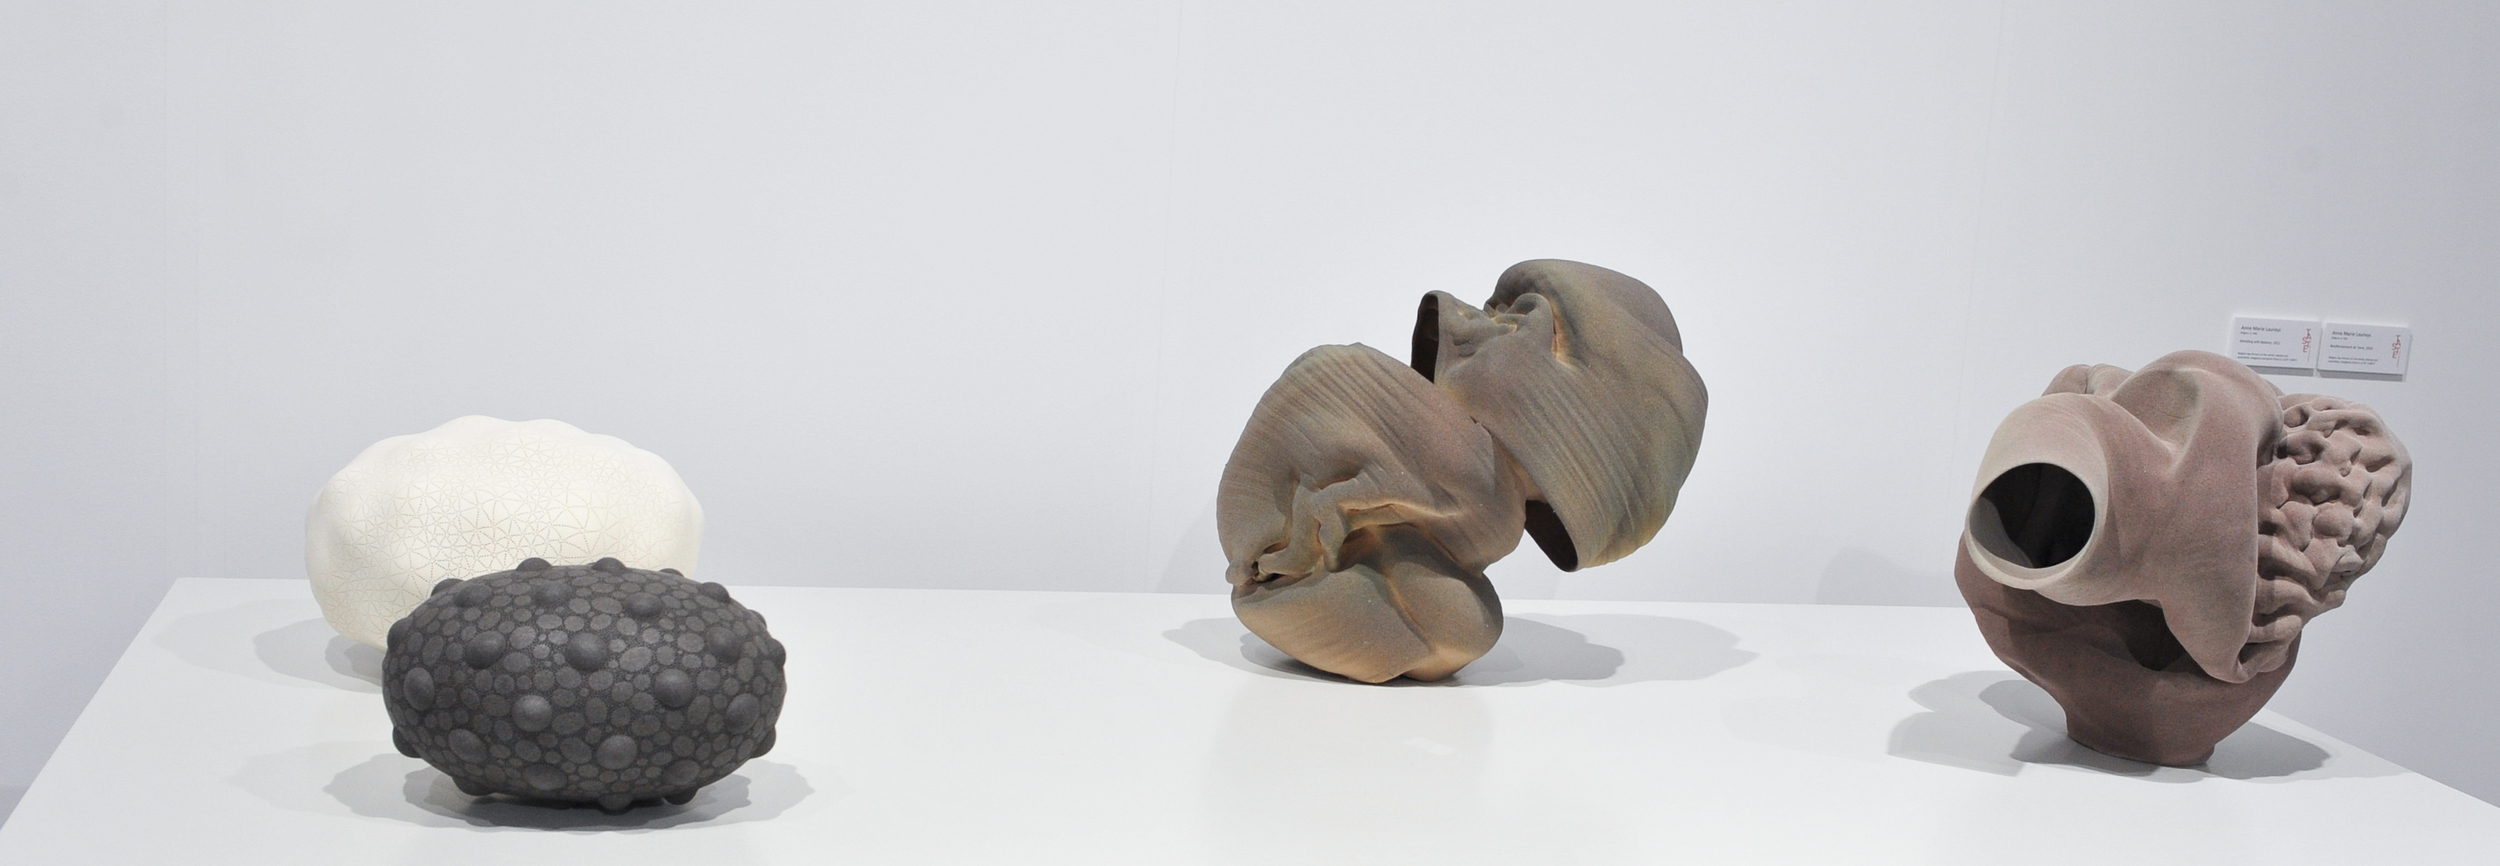 Work by Frances Lambe, Anne Marie Laureys